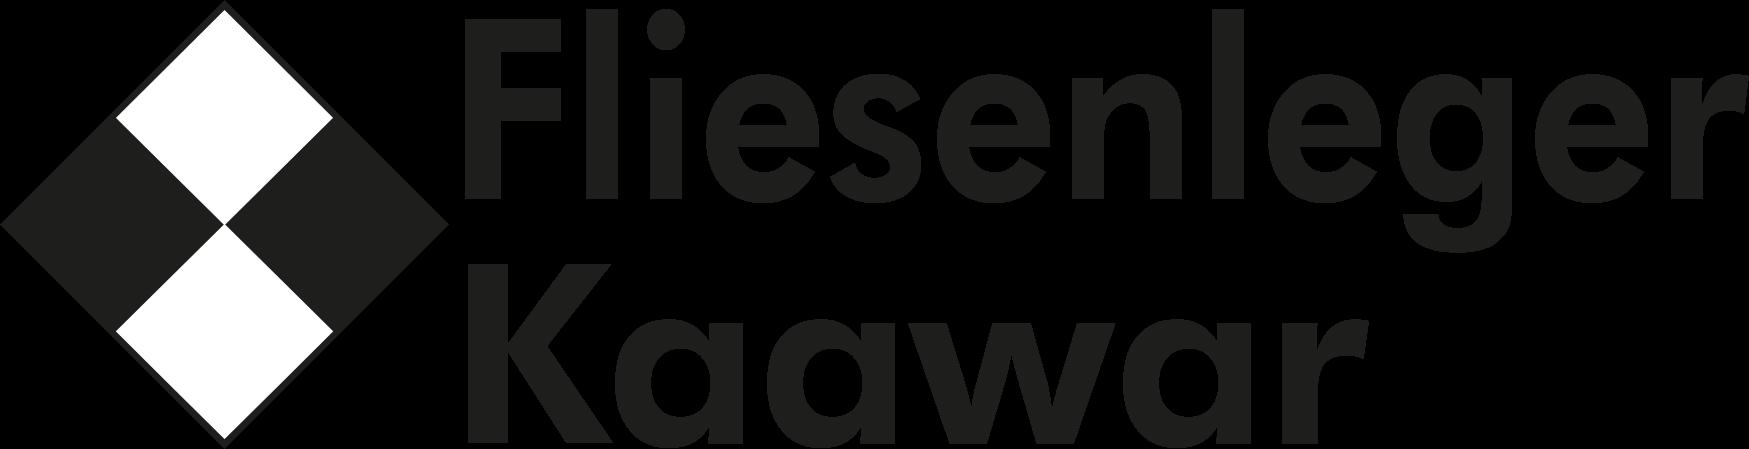 Fliesenleger Kaawar